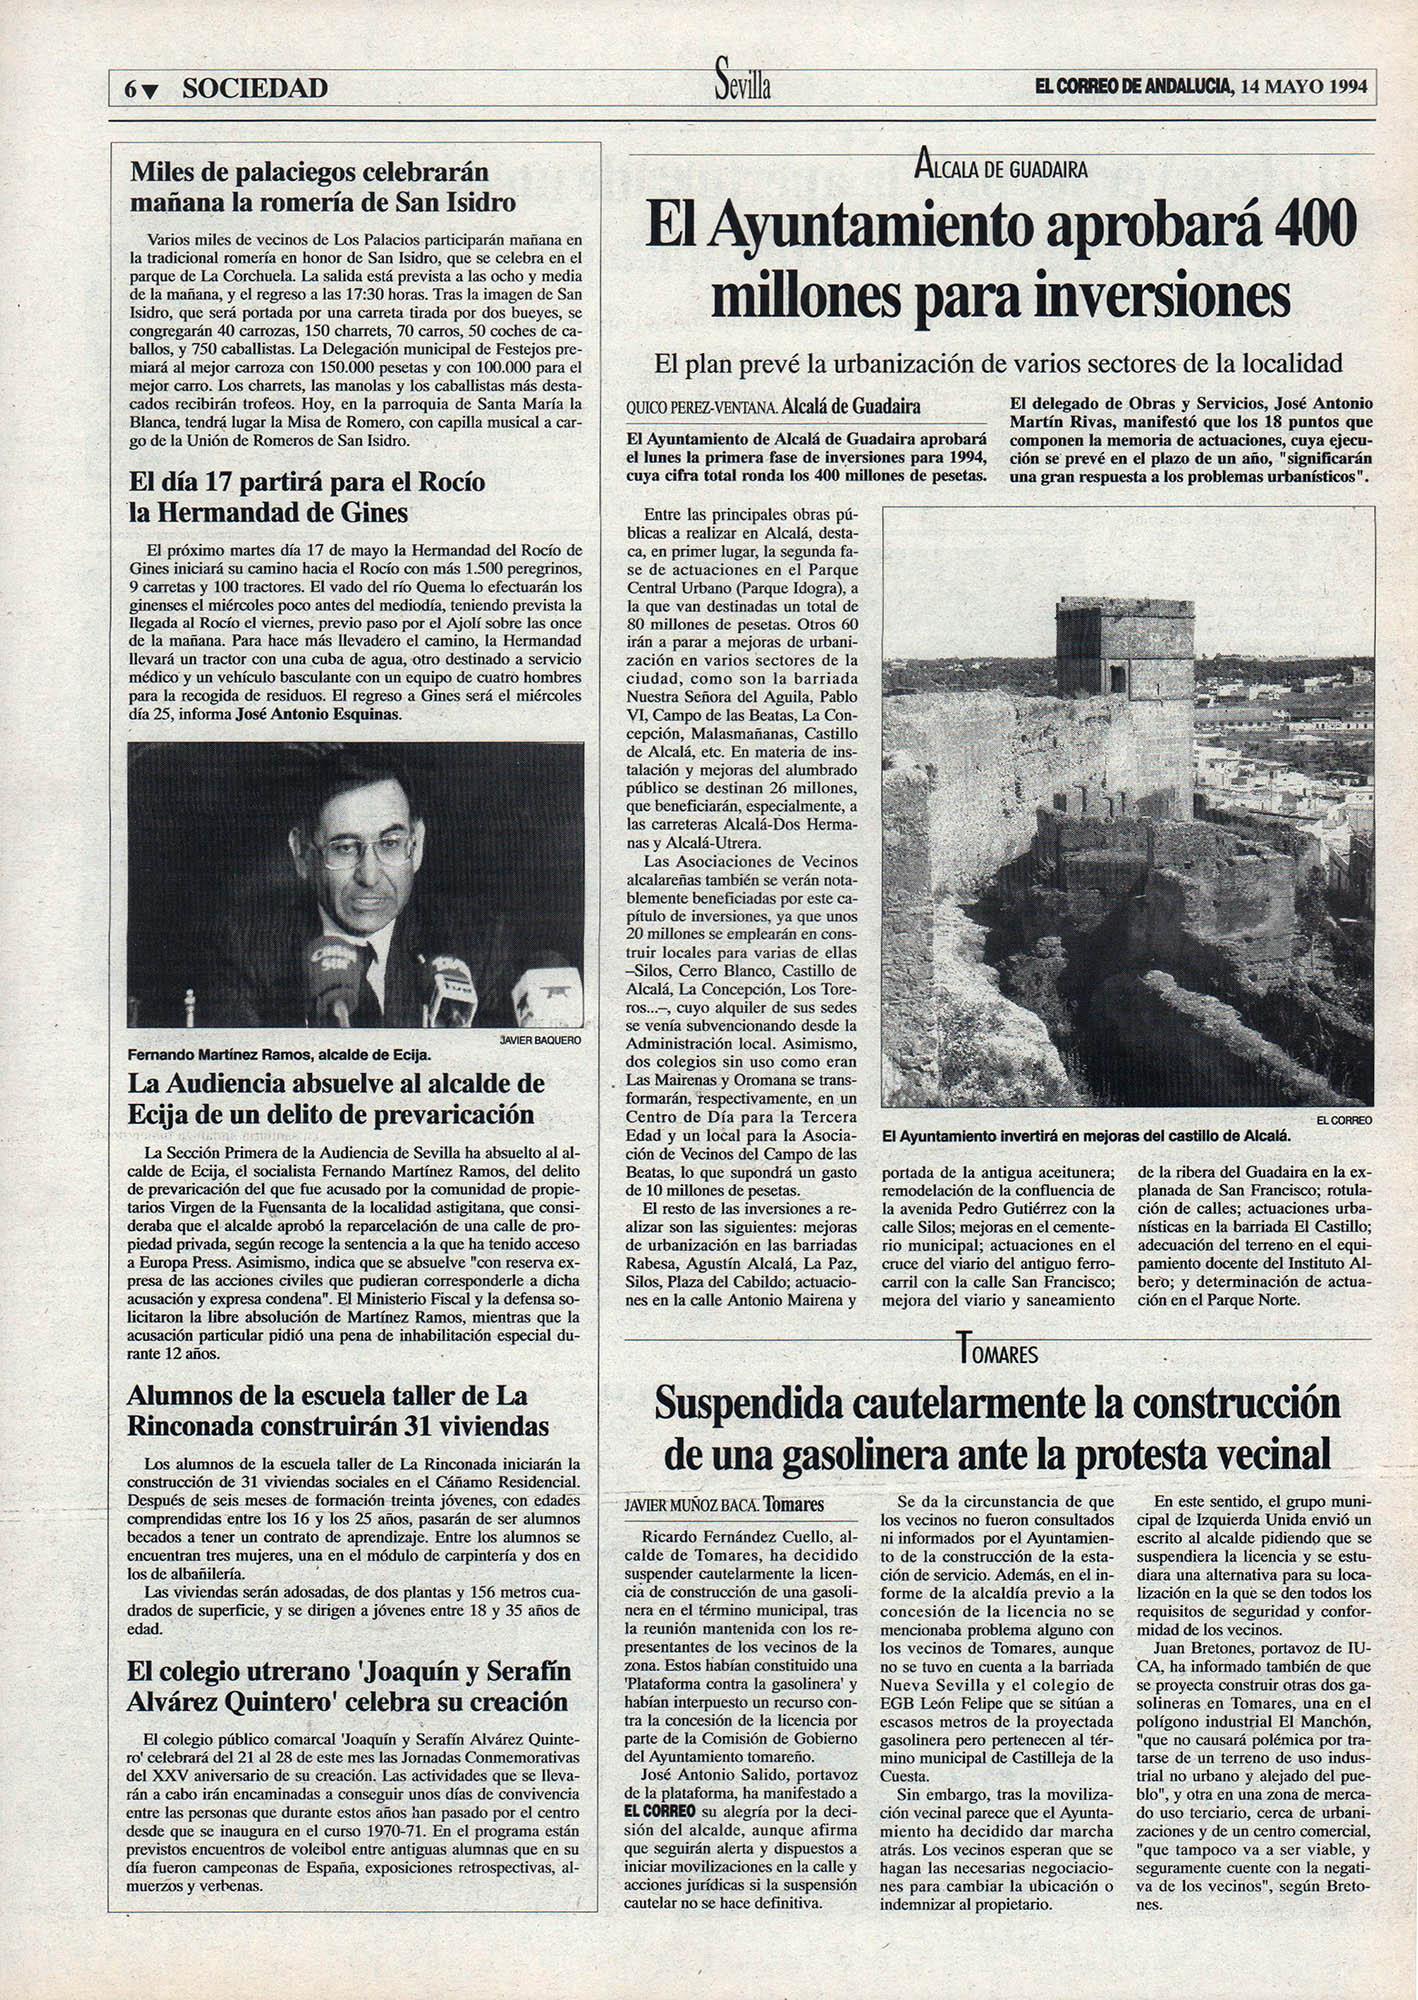 Alcalá de Guadaíra / El Ayuntamiento aprobará 400 millones para inversiones   El Correo de Andalucía   14 may 1994